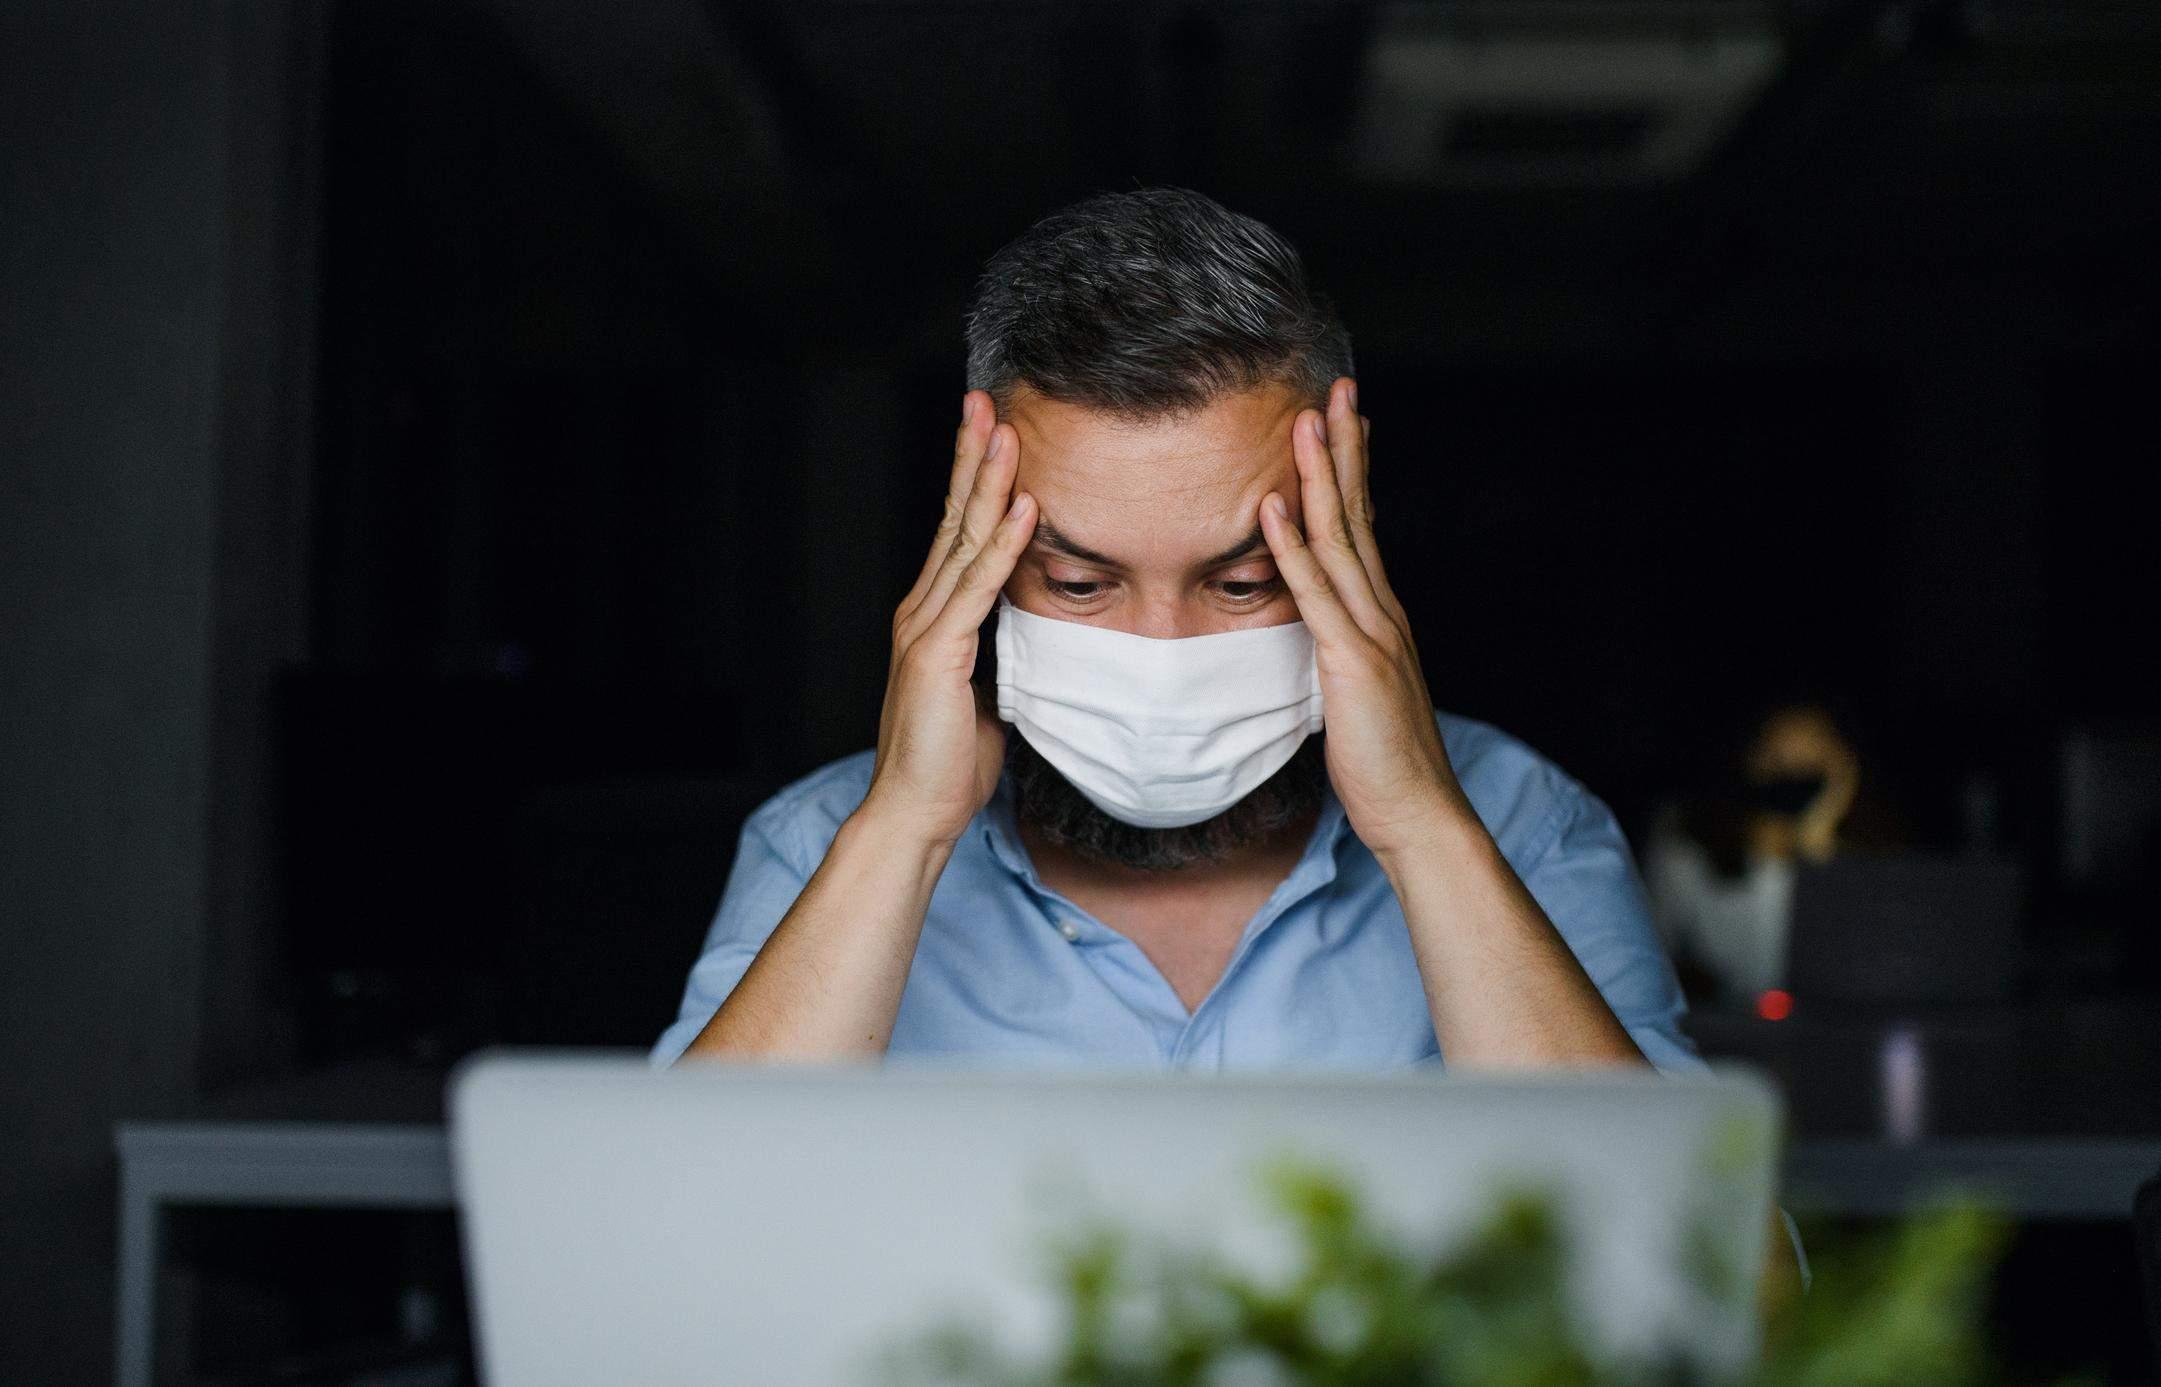 існує понад 250 видів головного болю